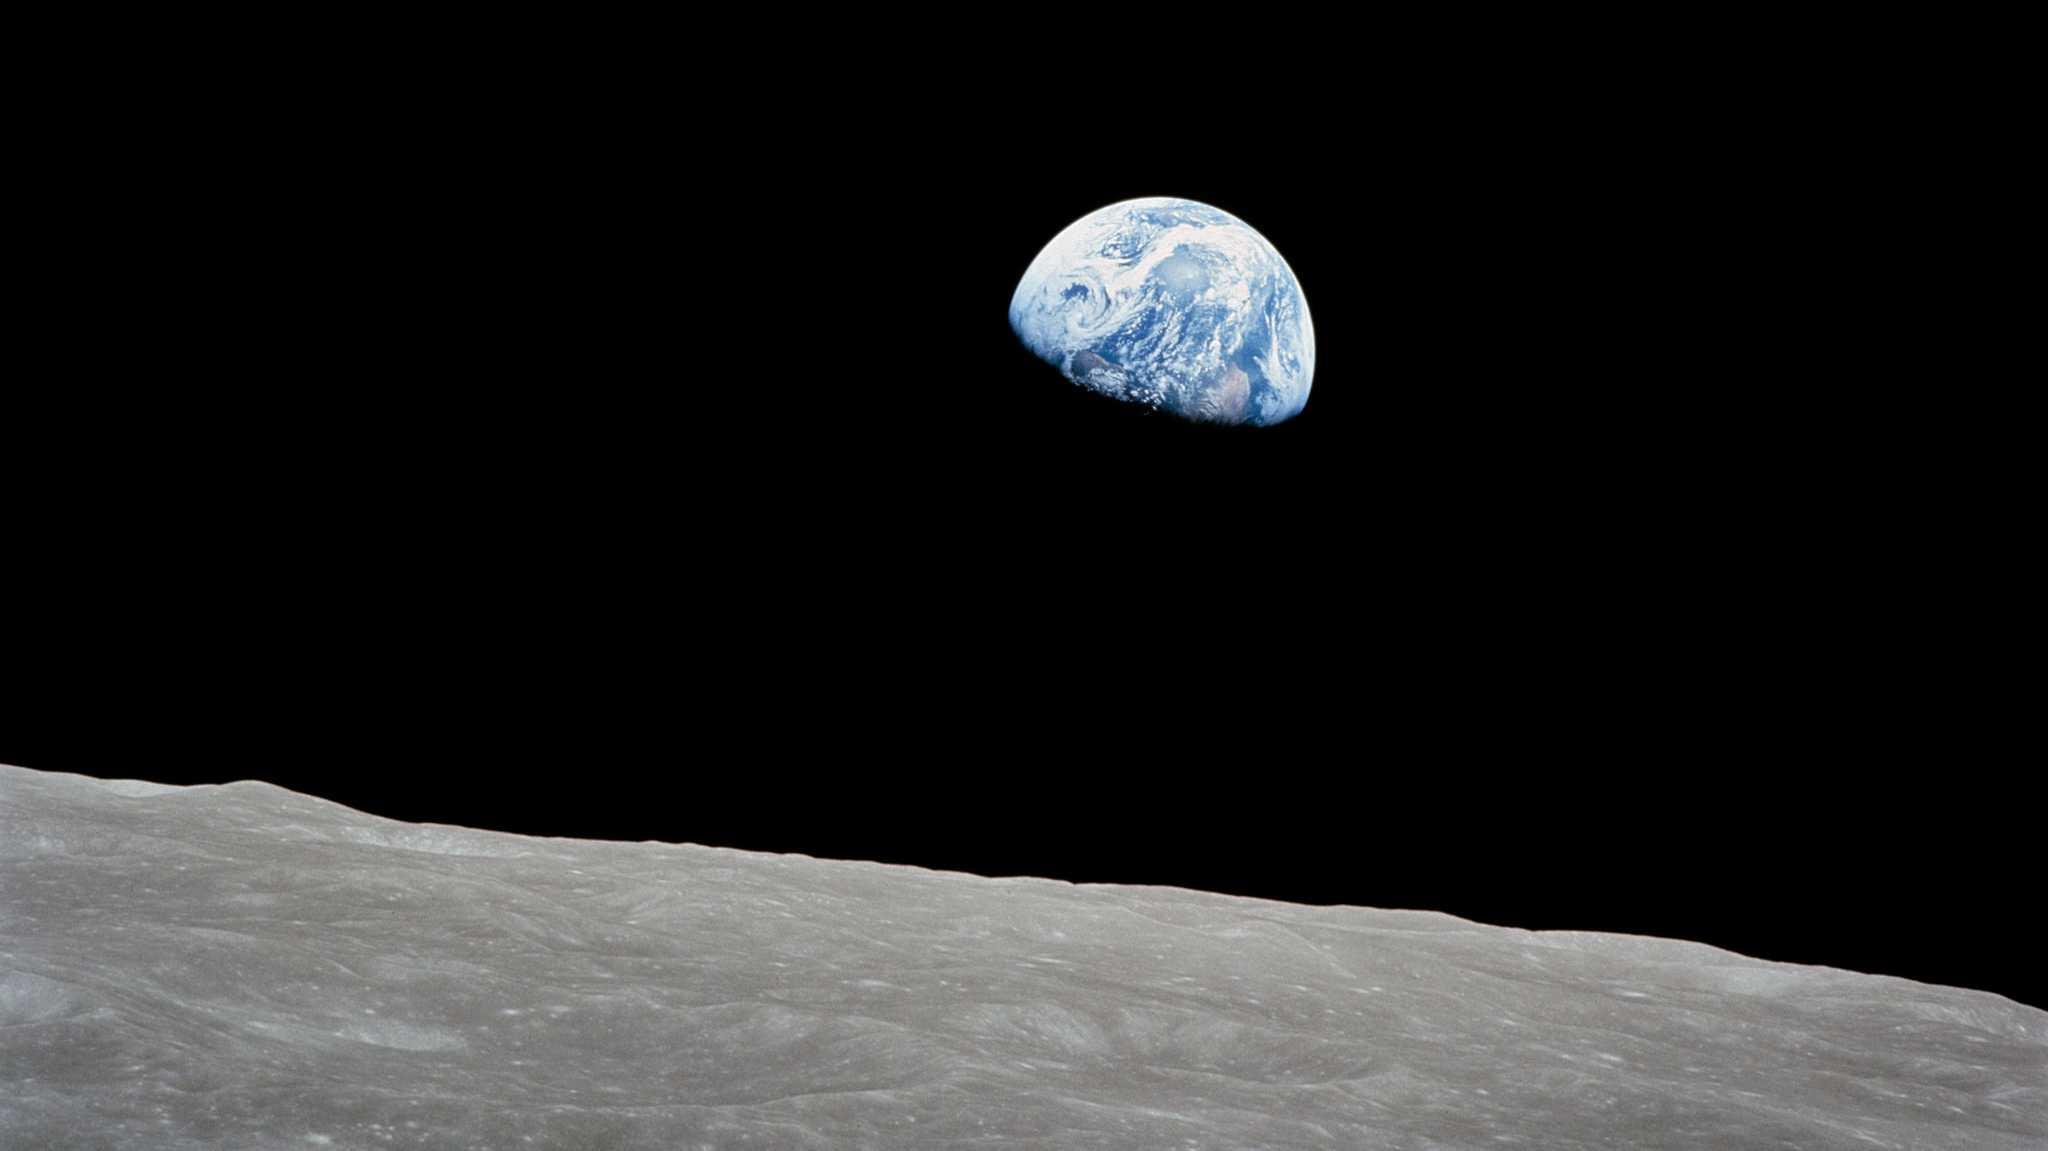 Erste Weihnachten im All und ein berühmtes Foto: 50 Jahre Apollo 8